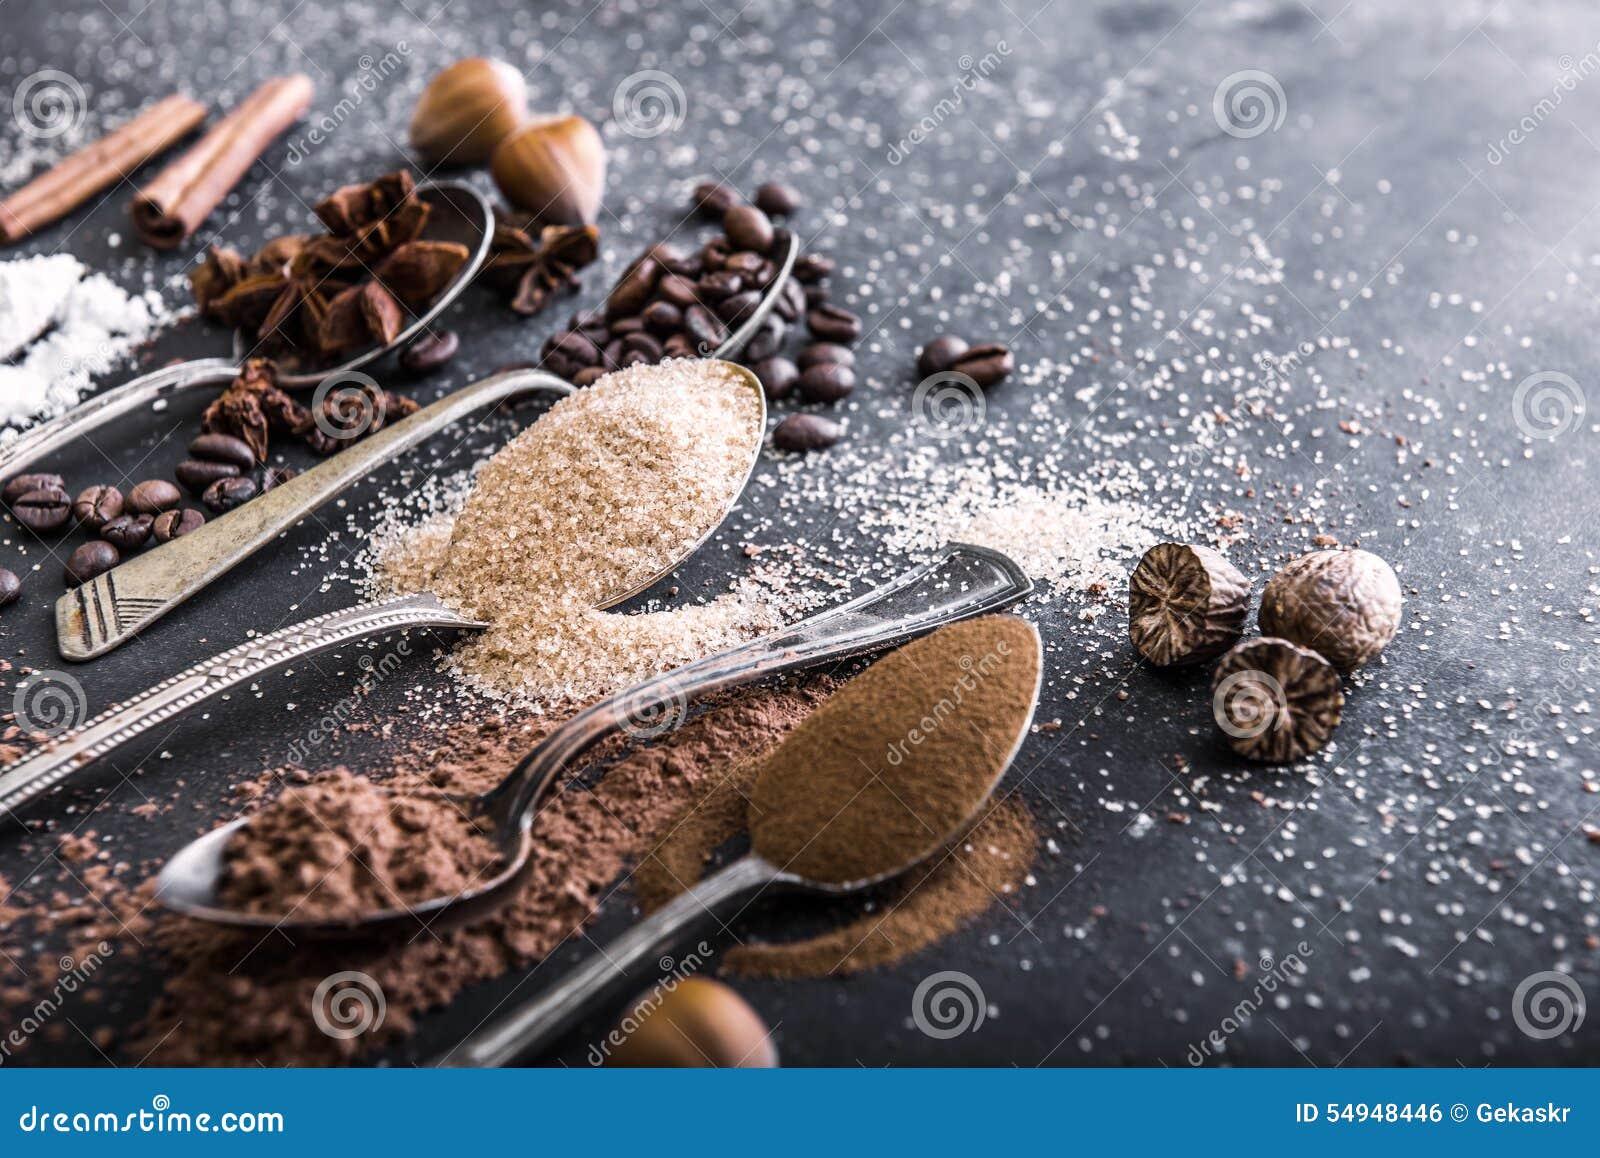 Chocolate powder cocoa